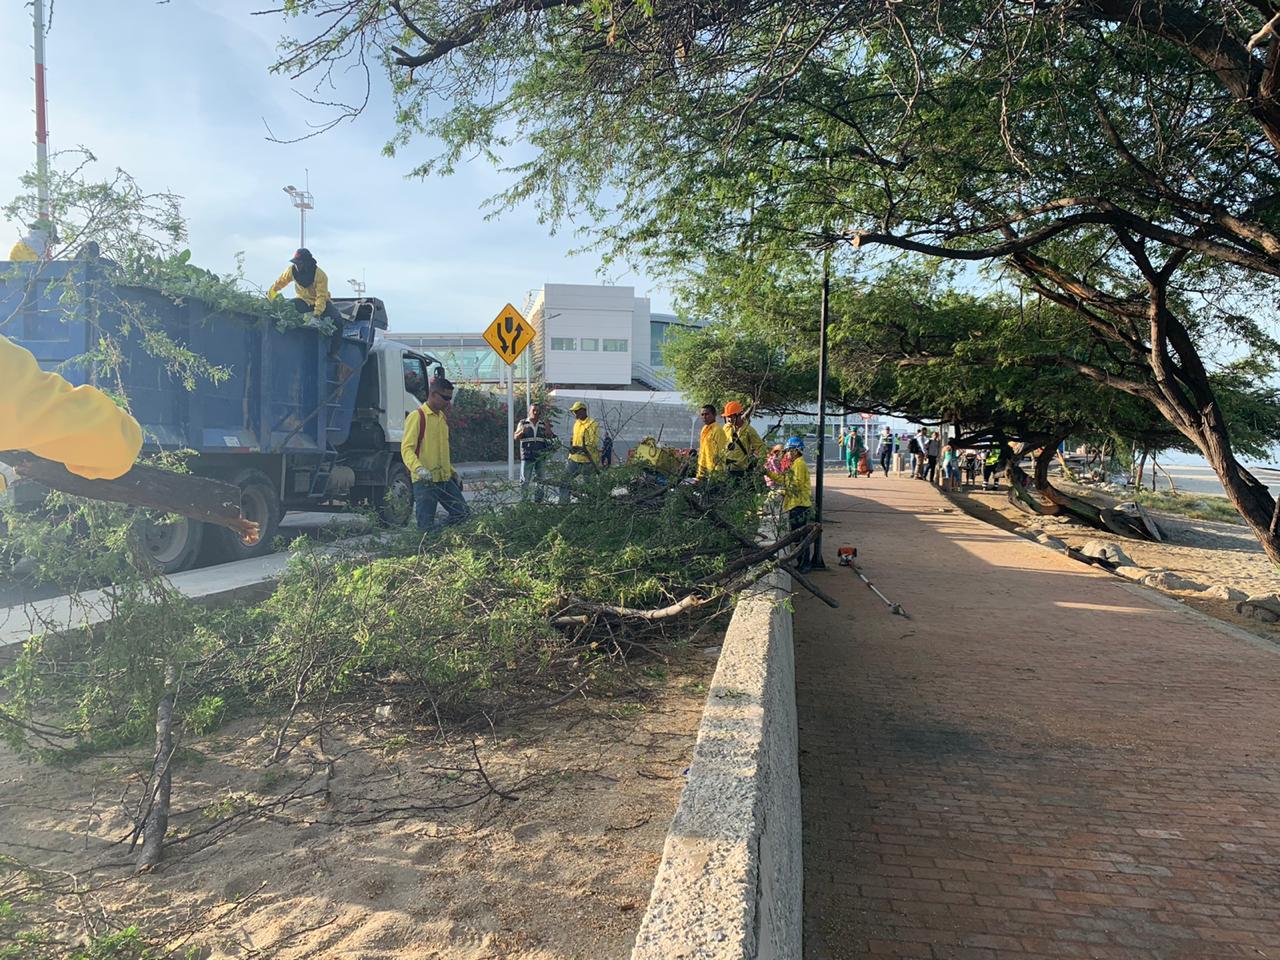 Essmar realiza limpieza en los principales sitios turísticos de Santa Marta